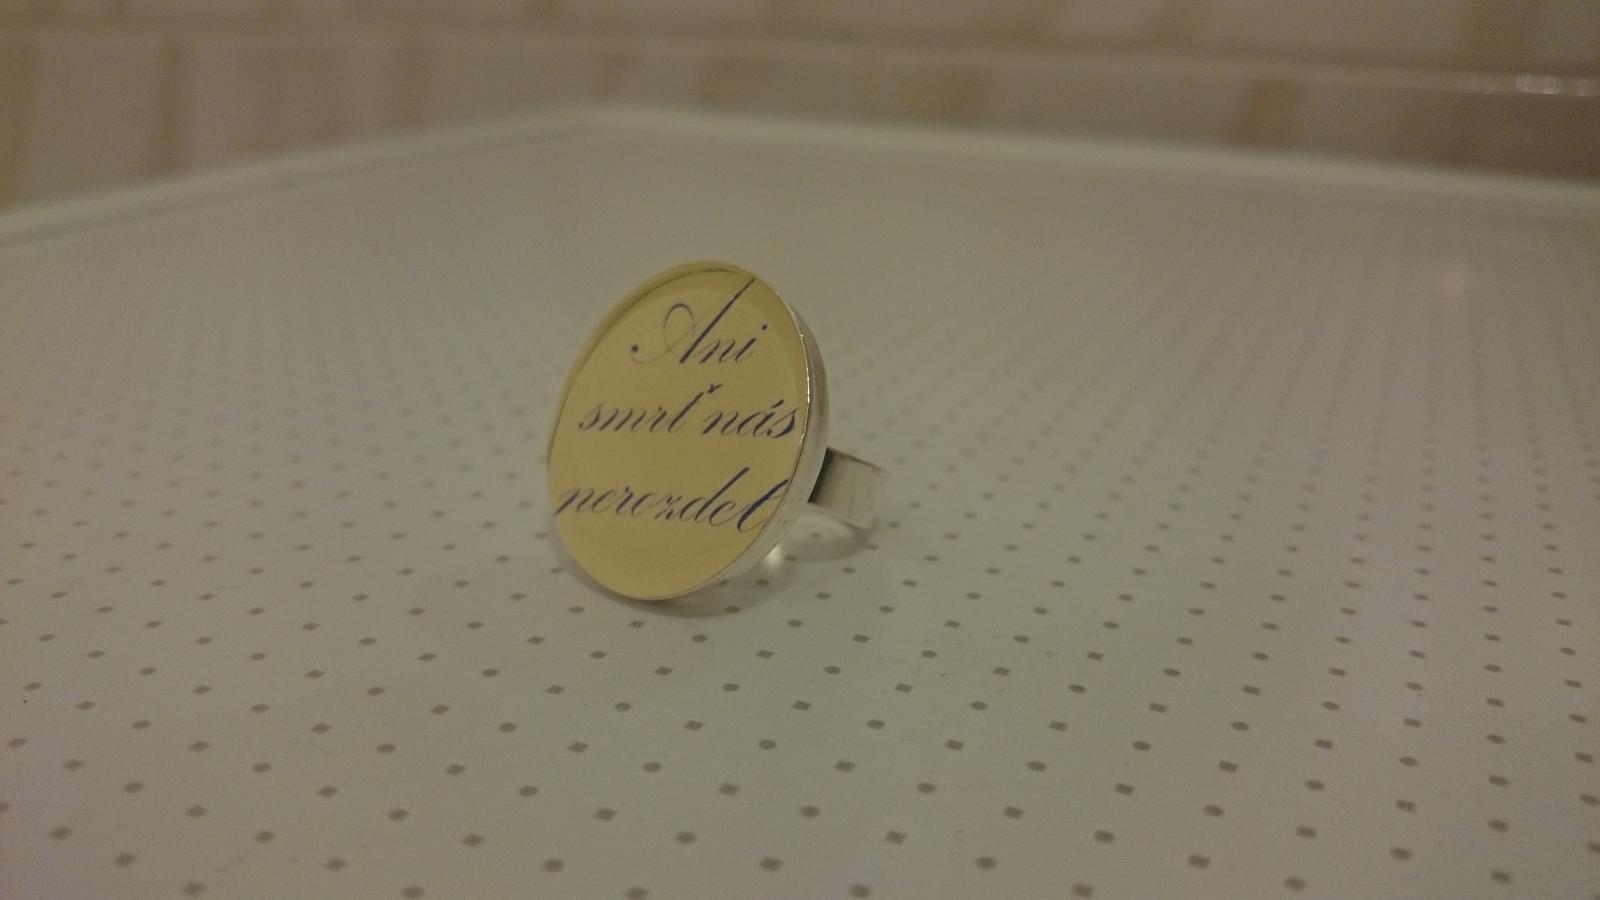 Nase pripravy :)) - prstienok...text mal moj drahy v plane dat uz na snubak ale nevoslo sa tak sme to vymysleli takto :-)